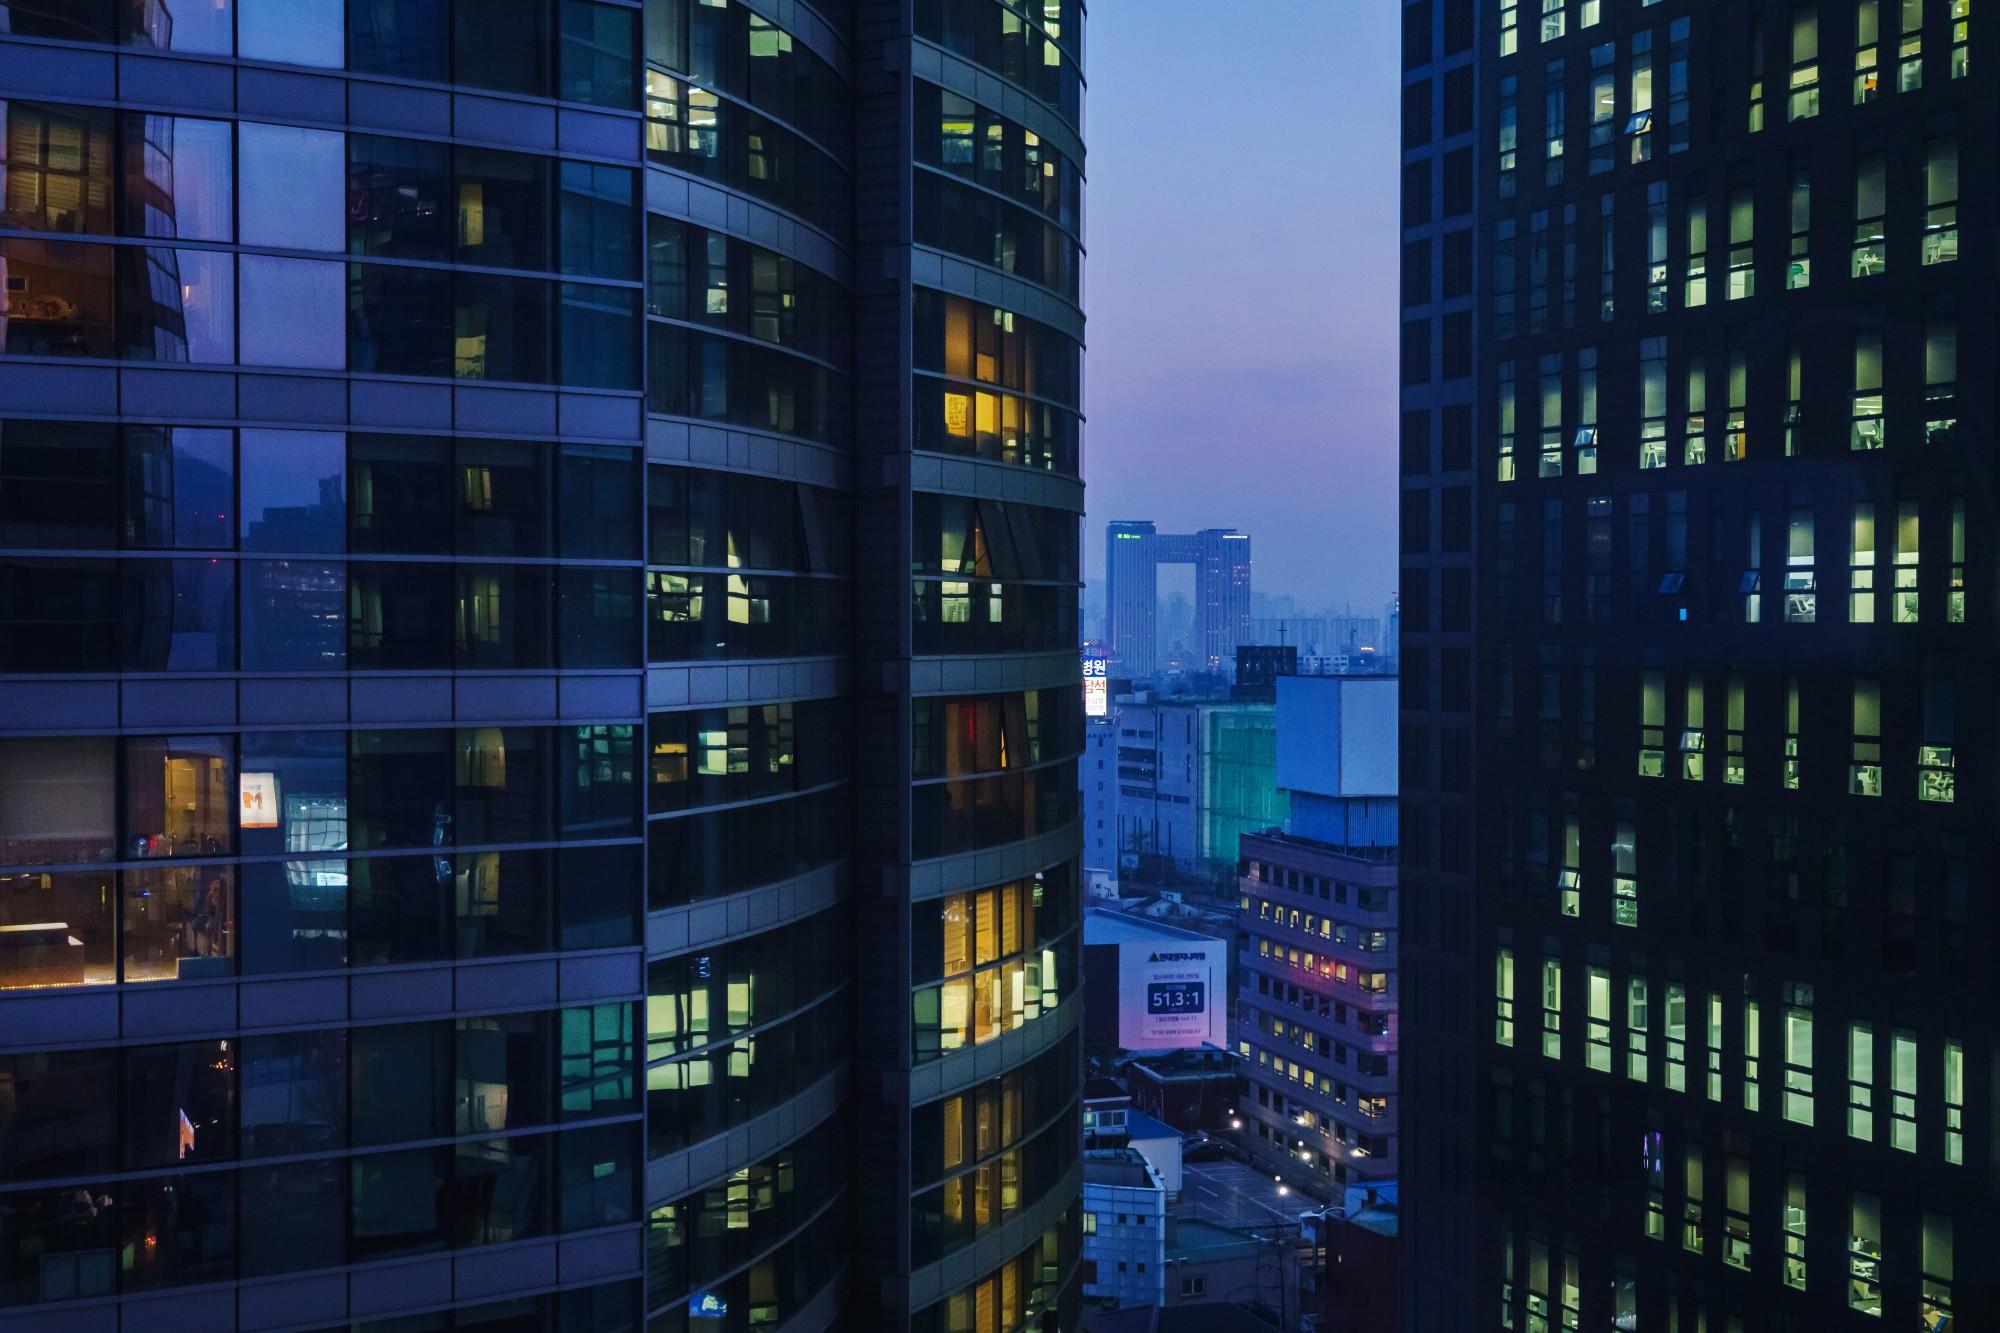 Người Hàn Quốc chủ yếu sống trong chung cư nên thường xuyên chịu tiếng ồn từ hàng xóm. Ảnh: Marcus Yam / Los Angeles Times.